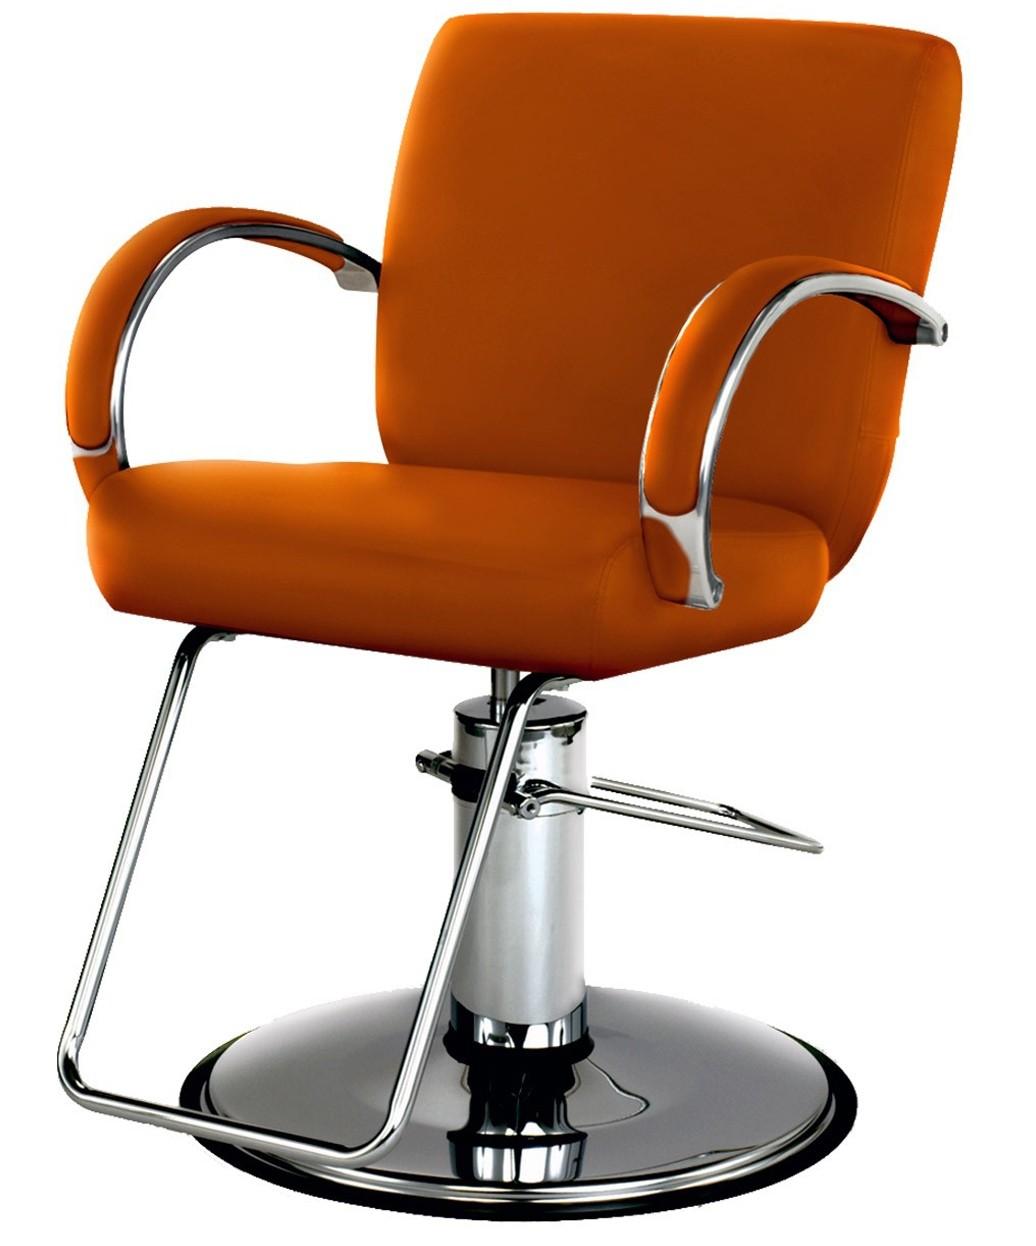 Takara Belmont ST-E10 Odin Styling Chair